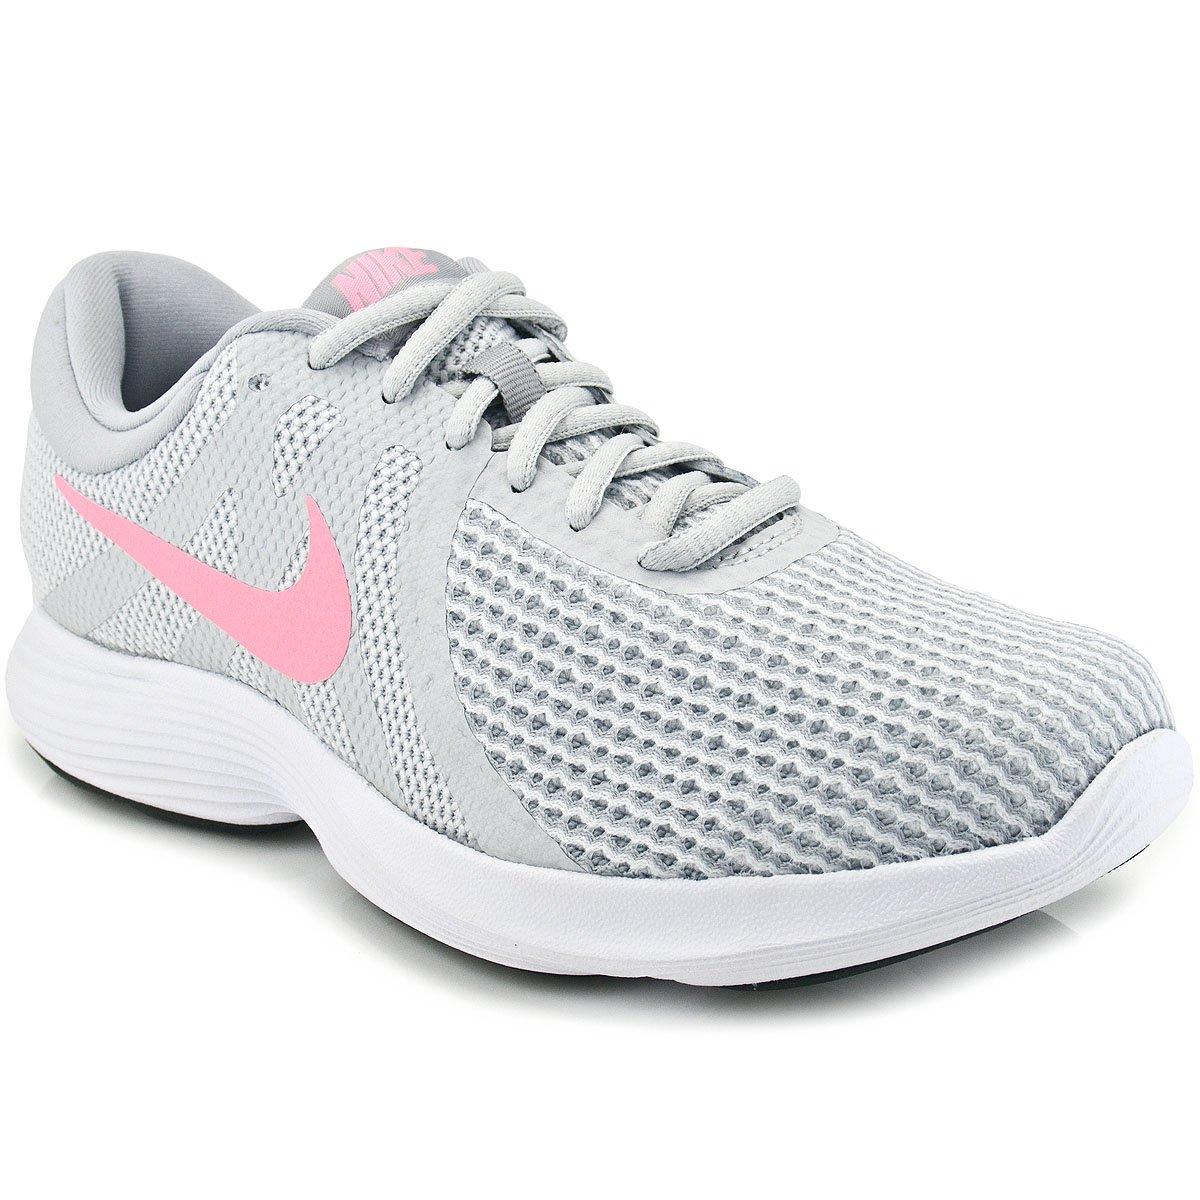 5bff6bb12a Tênis Nike Revolution 4 Feminino